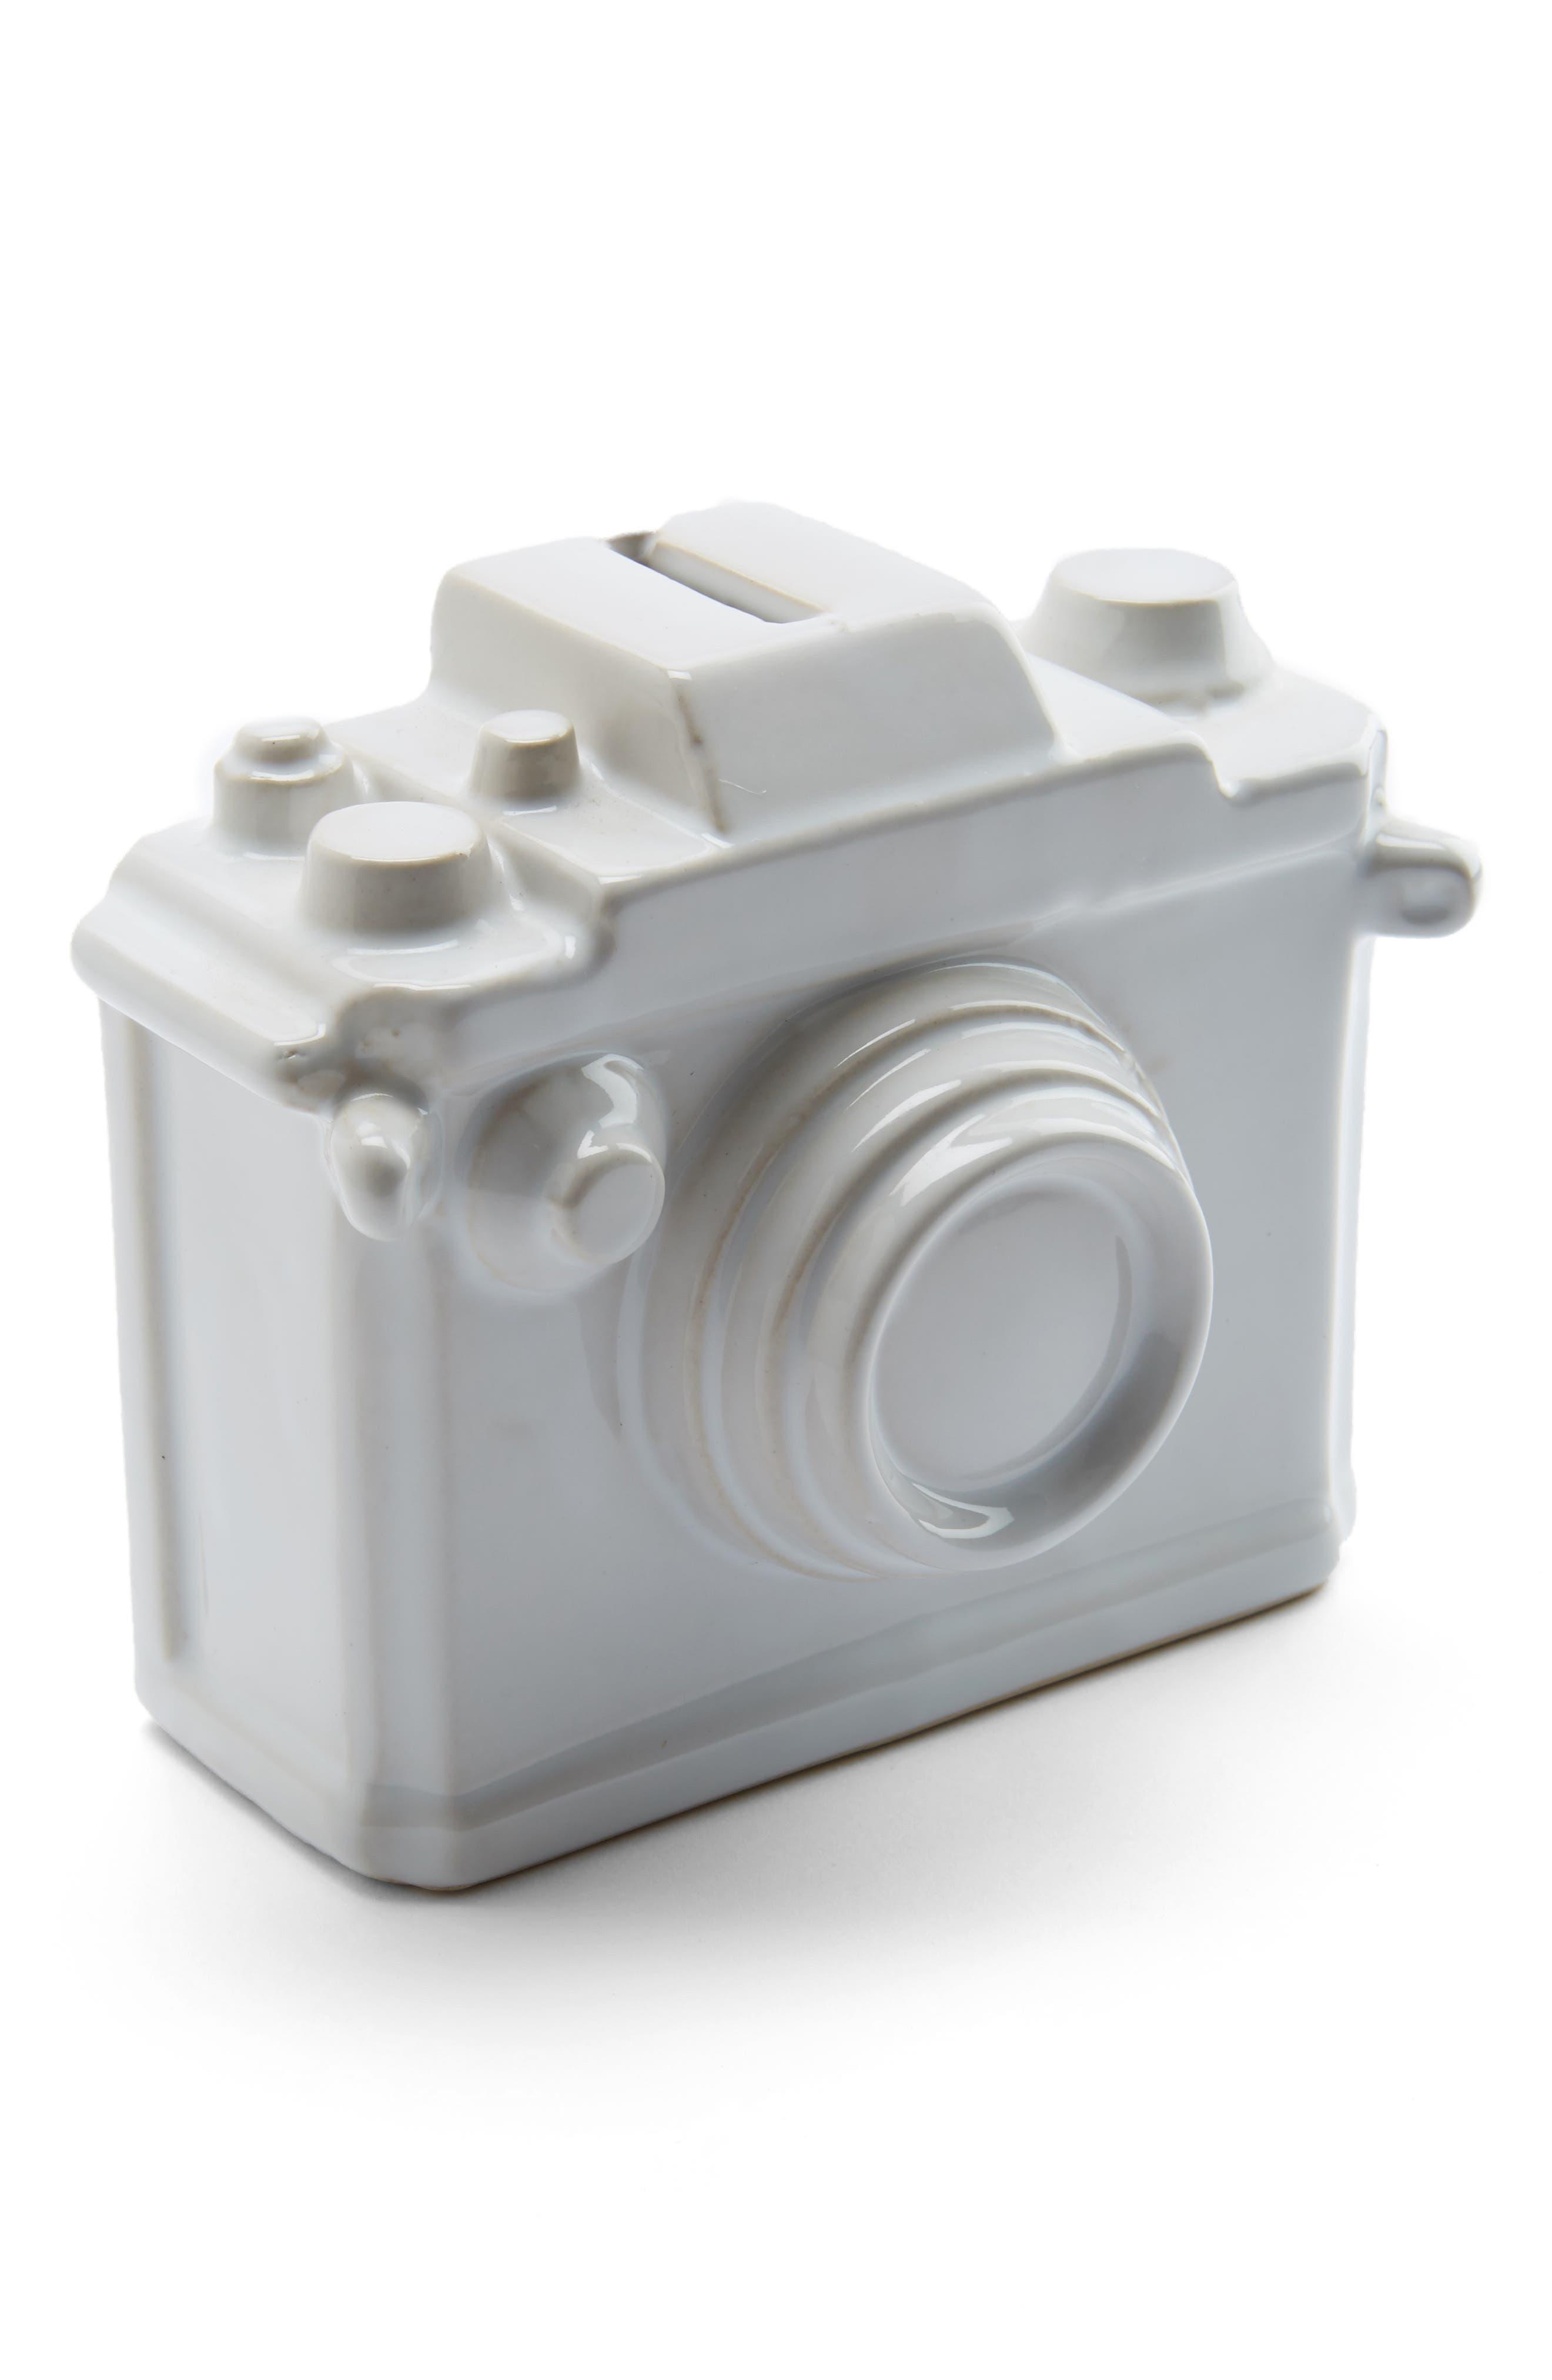 Alternate Image 1 Selected - HomArt Camera Ceramic Bank